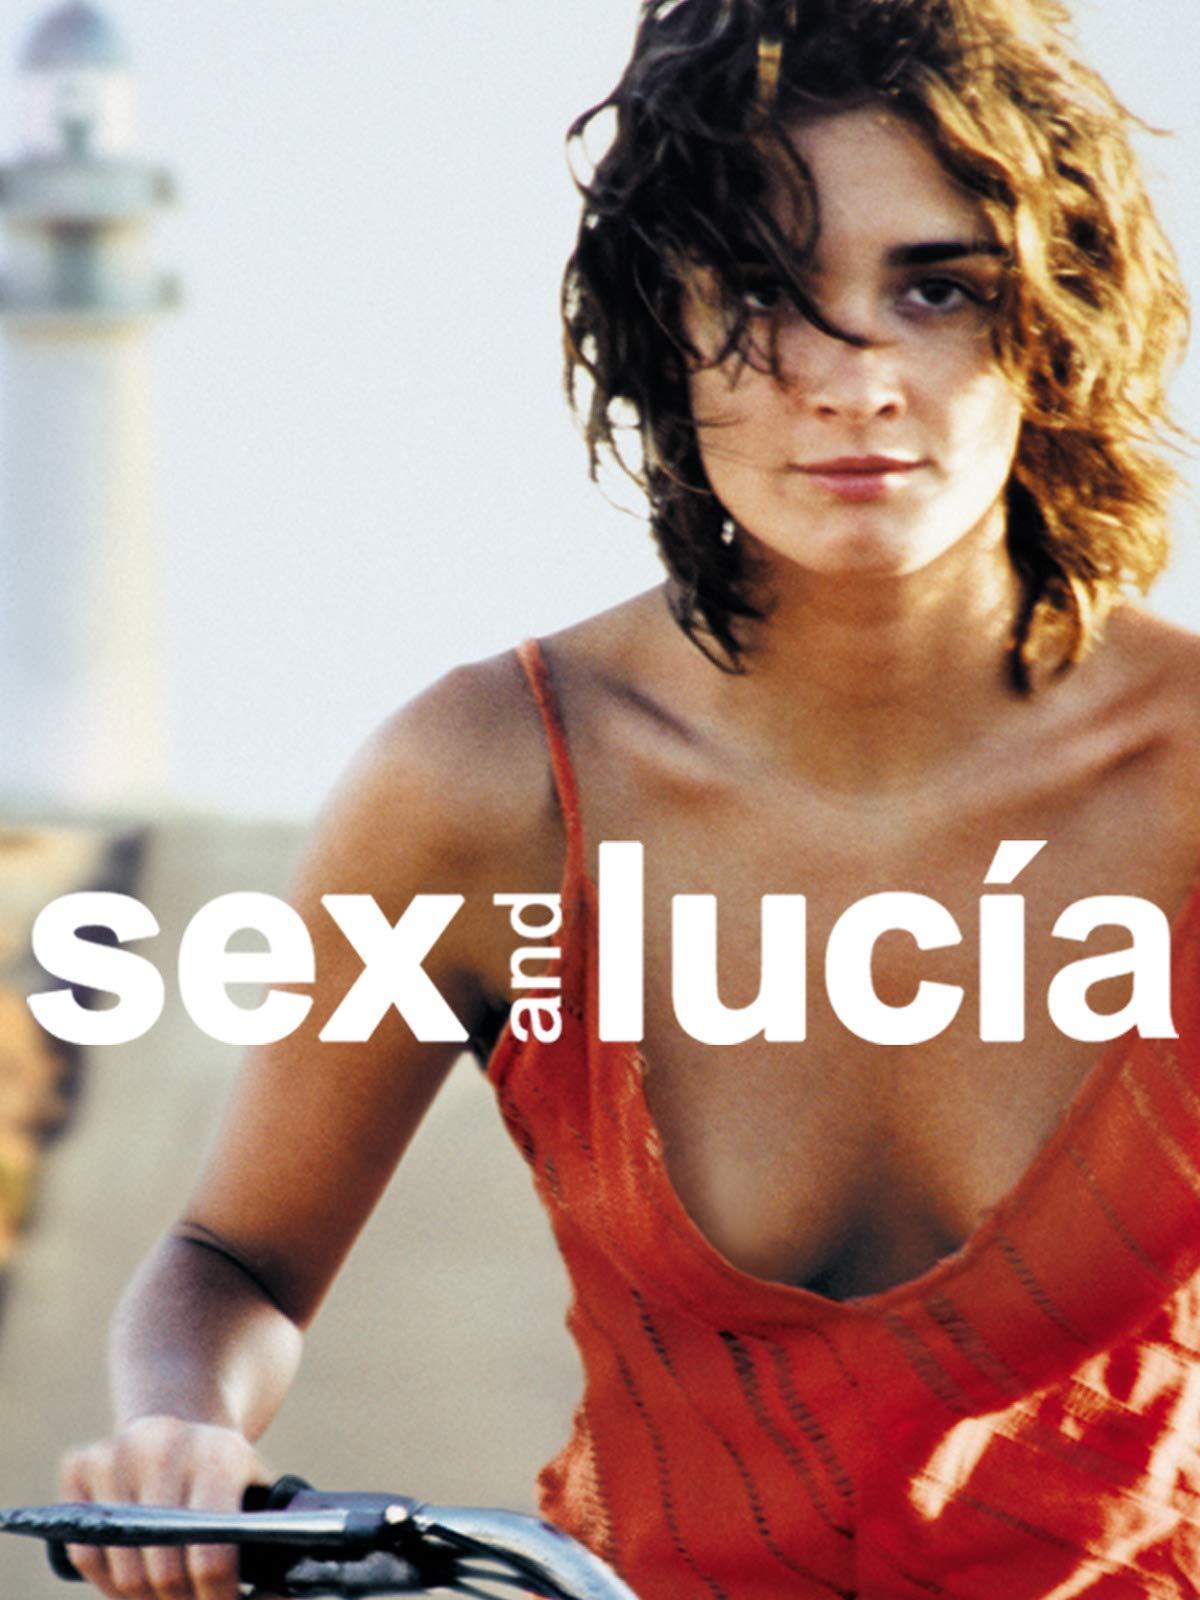 Paz vega nude free trailer nude photos